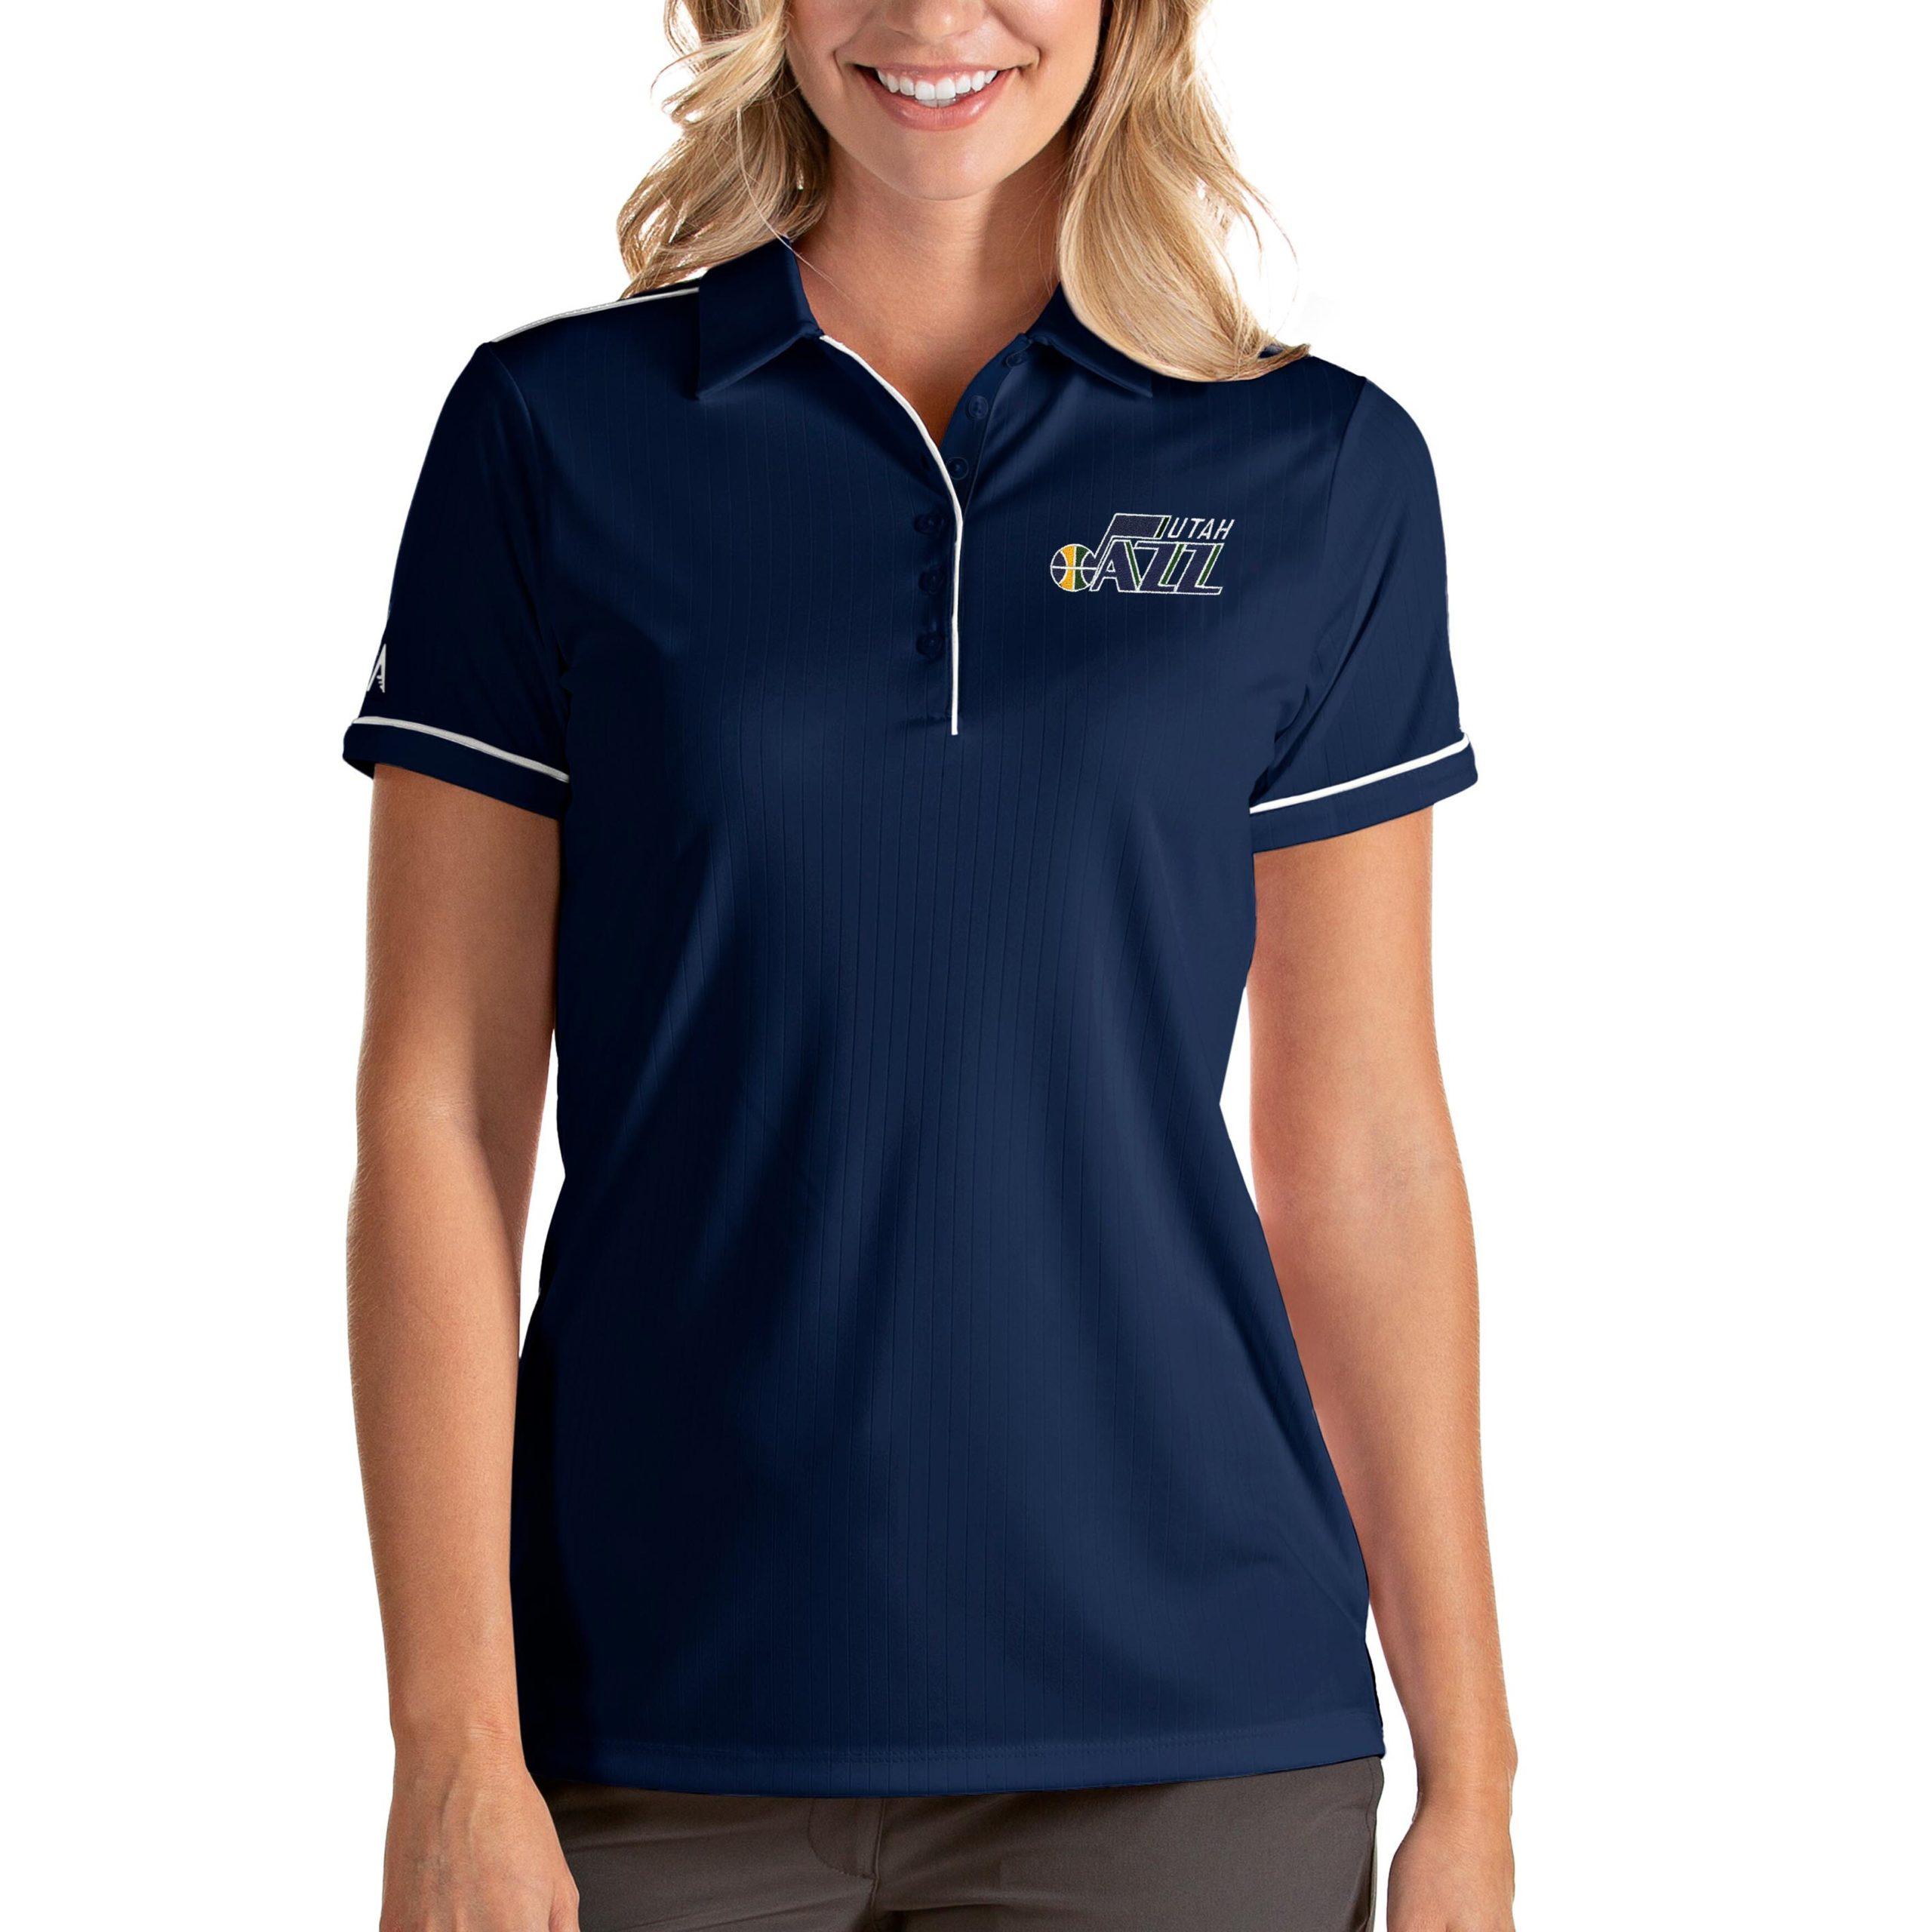 Utah Jazz Antigua Women's Salute Polo - Navy/White